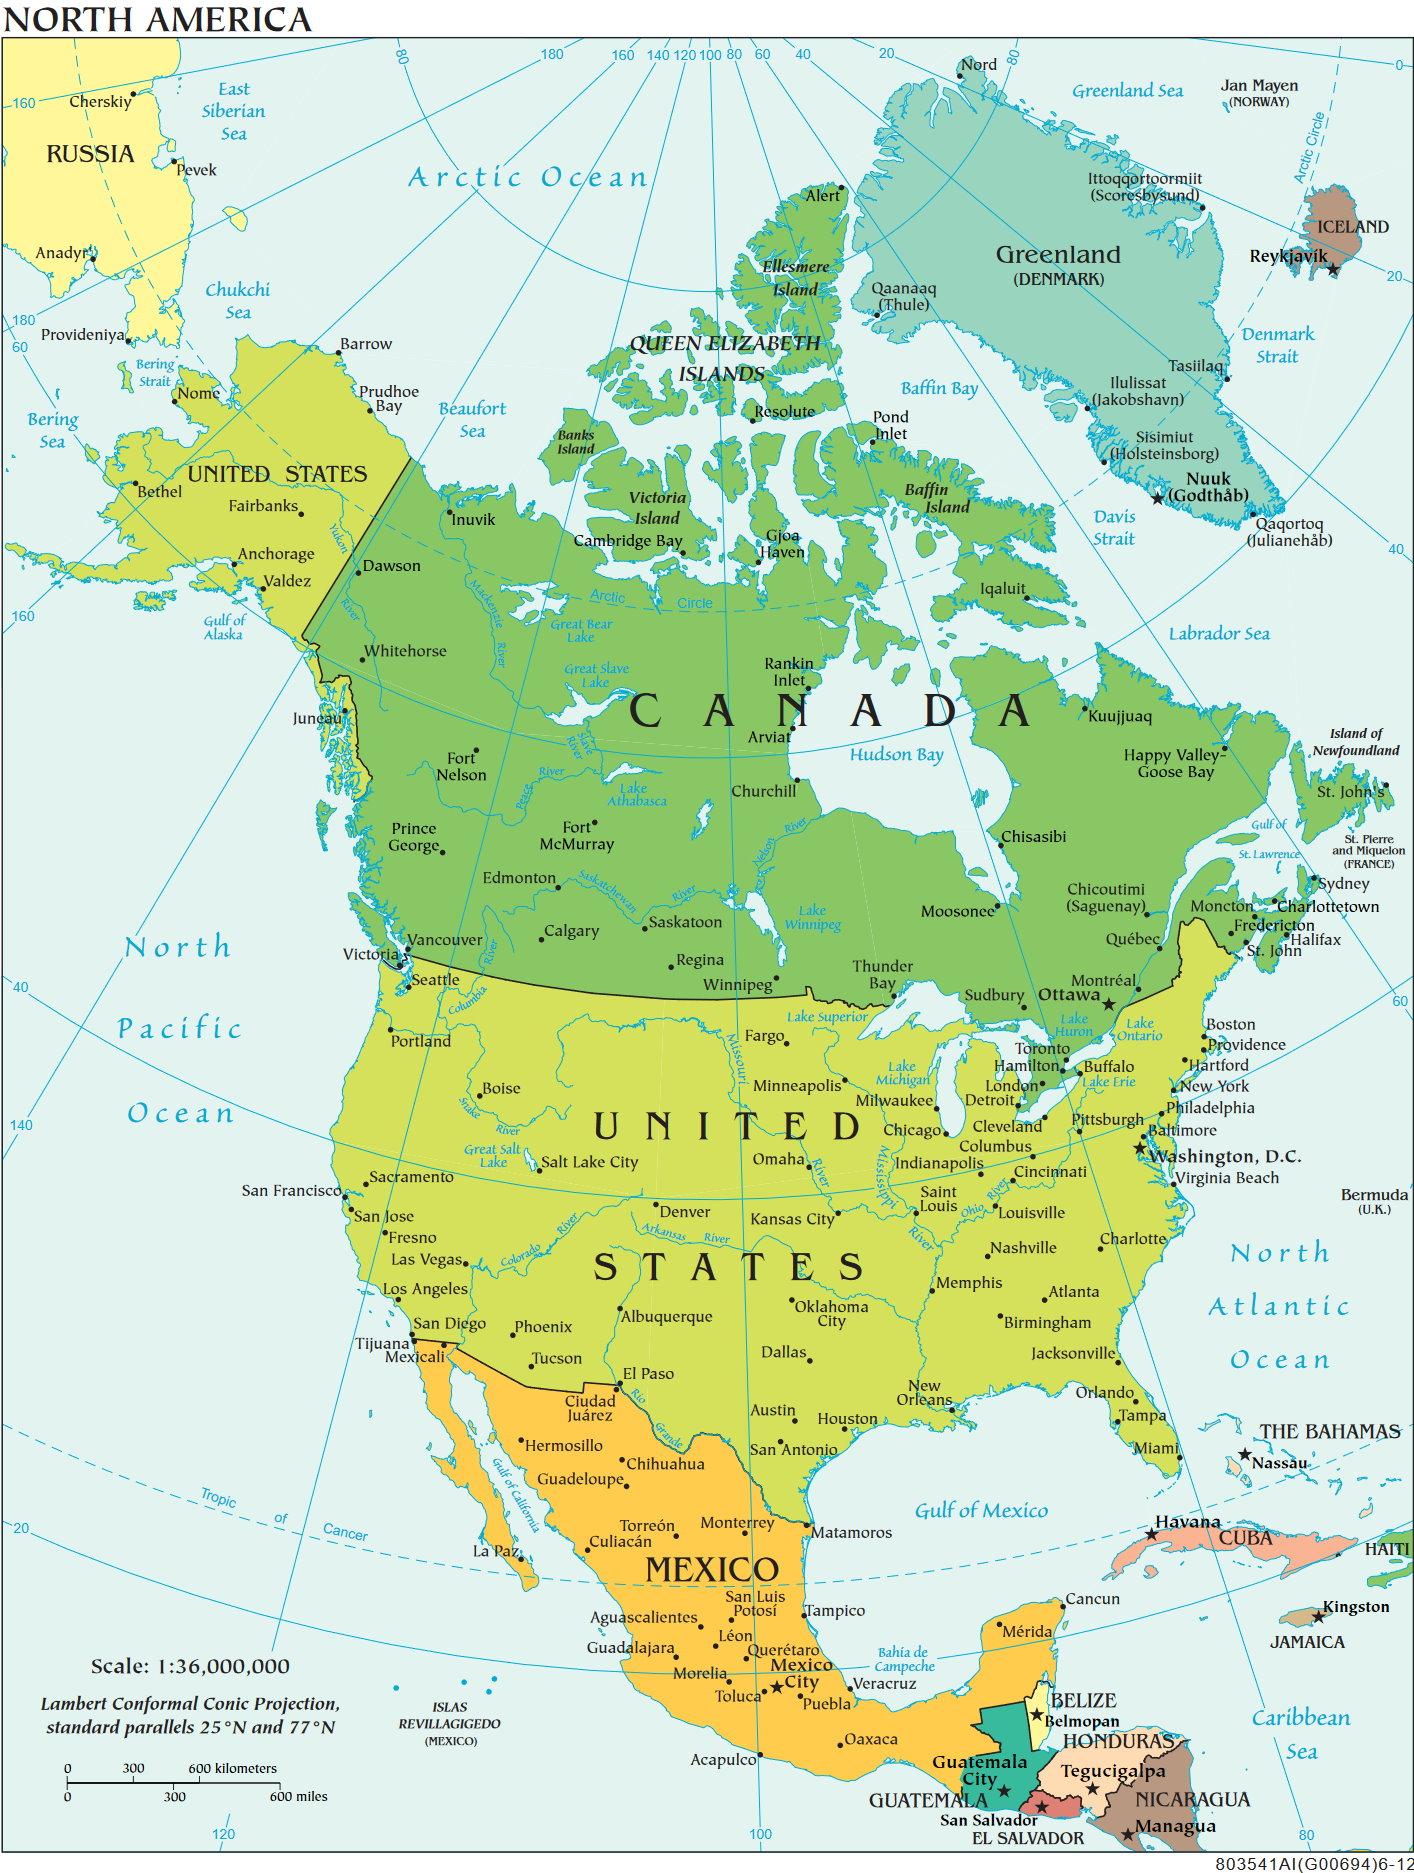 Die Regionale Und Politische Unterteilung Nordamerikas